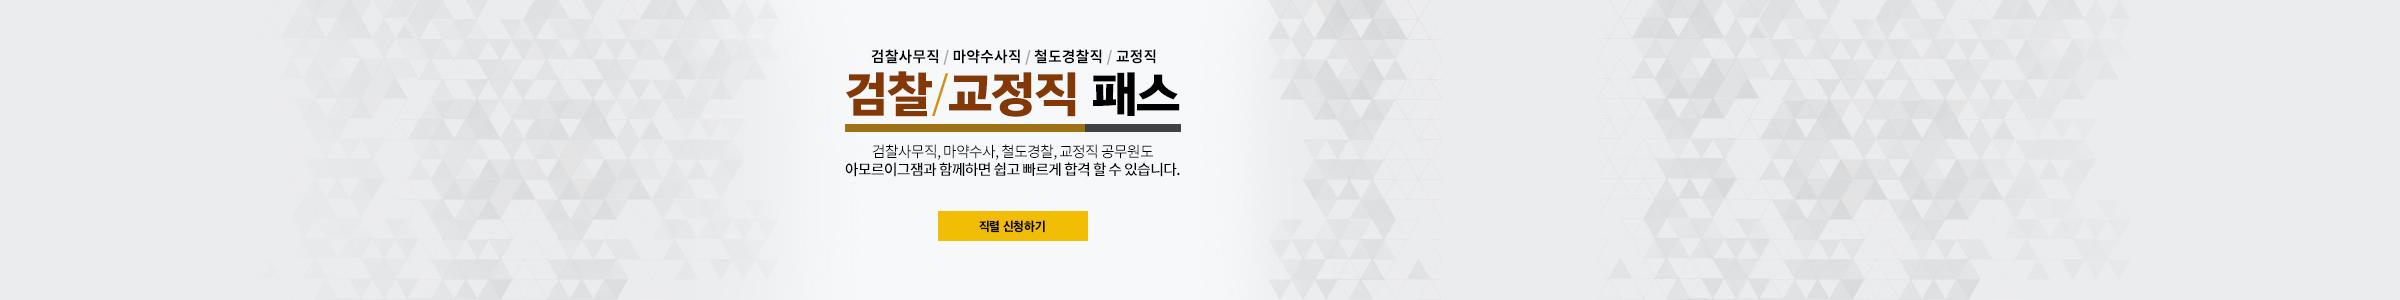 9급 검찰/교정직 패스